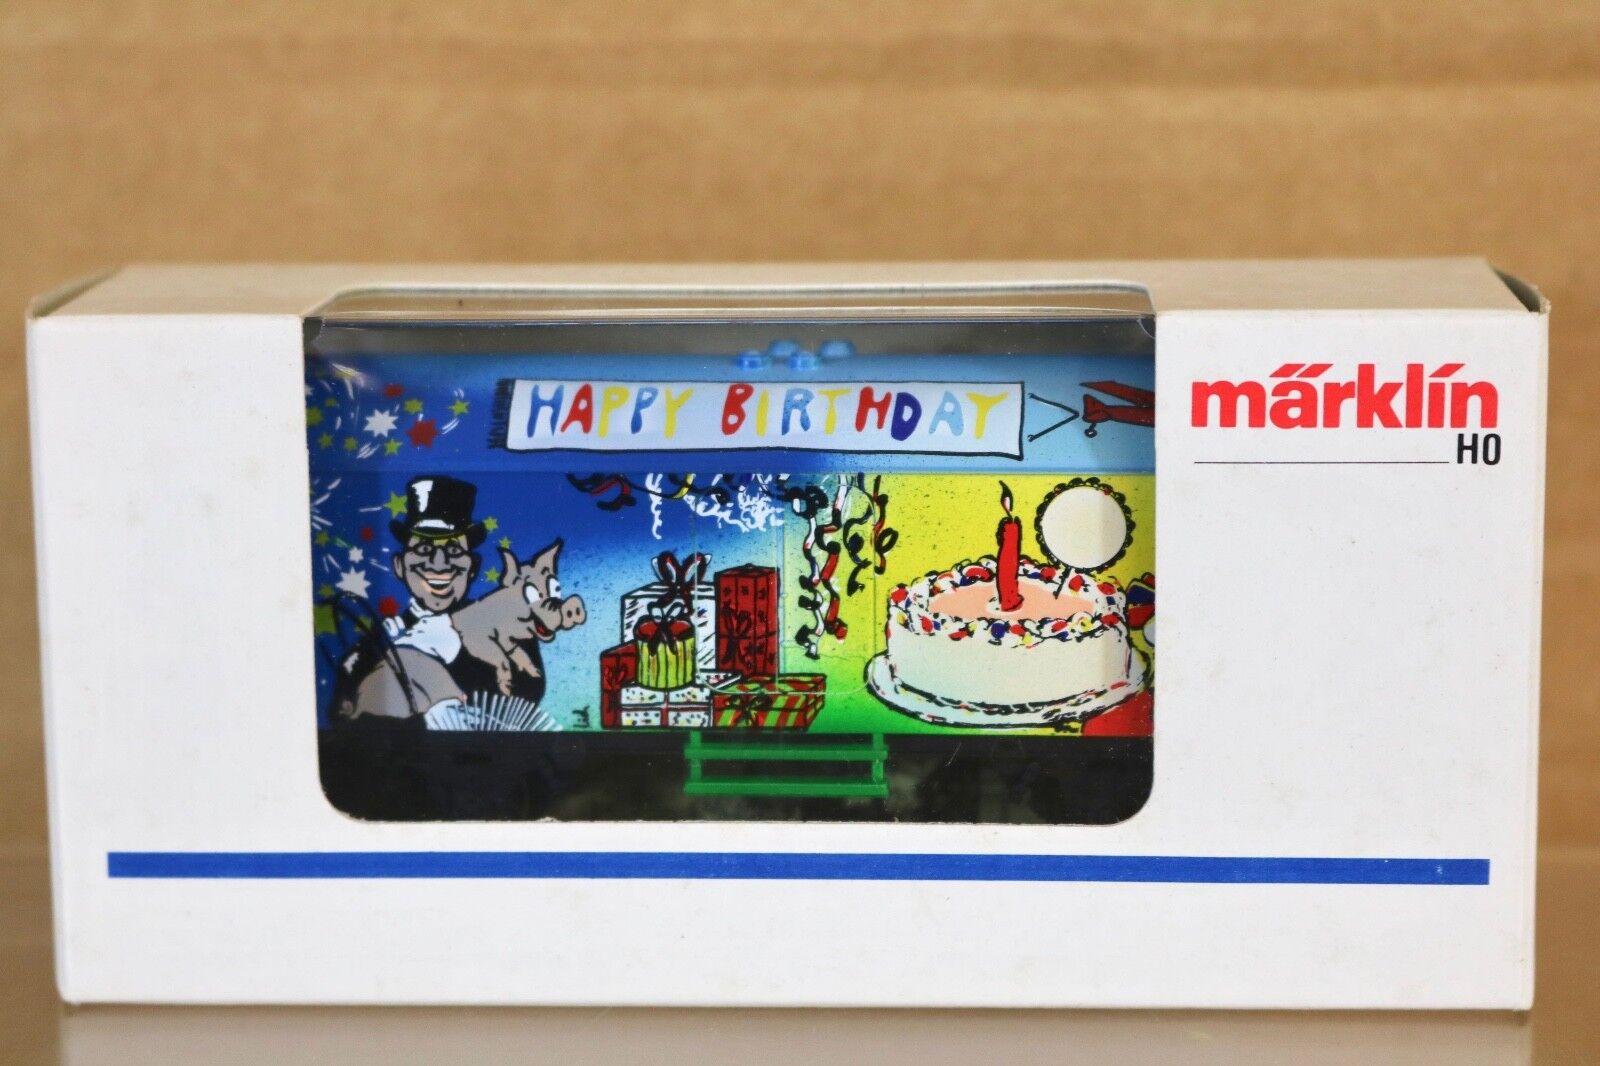 MARKLIN MÄRKLIN K0197 SONDERMODELL HAPPY BIRTHDAY KUHLEWAGEN WAGON nq